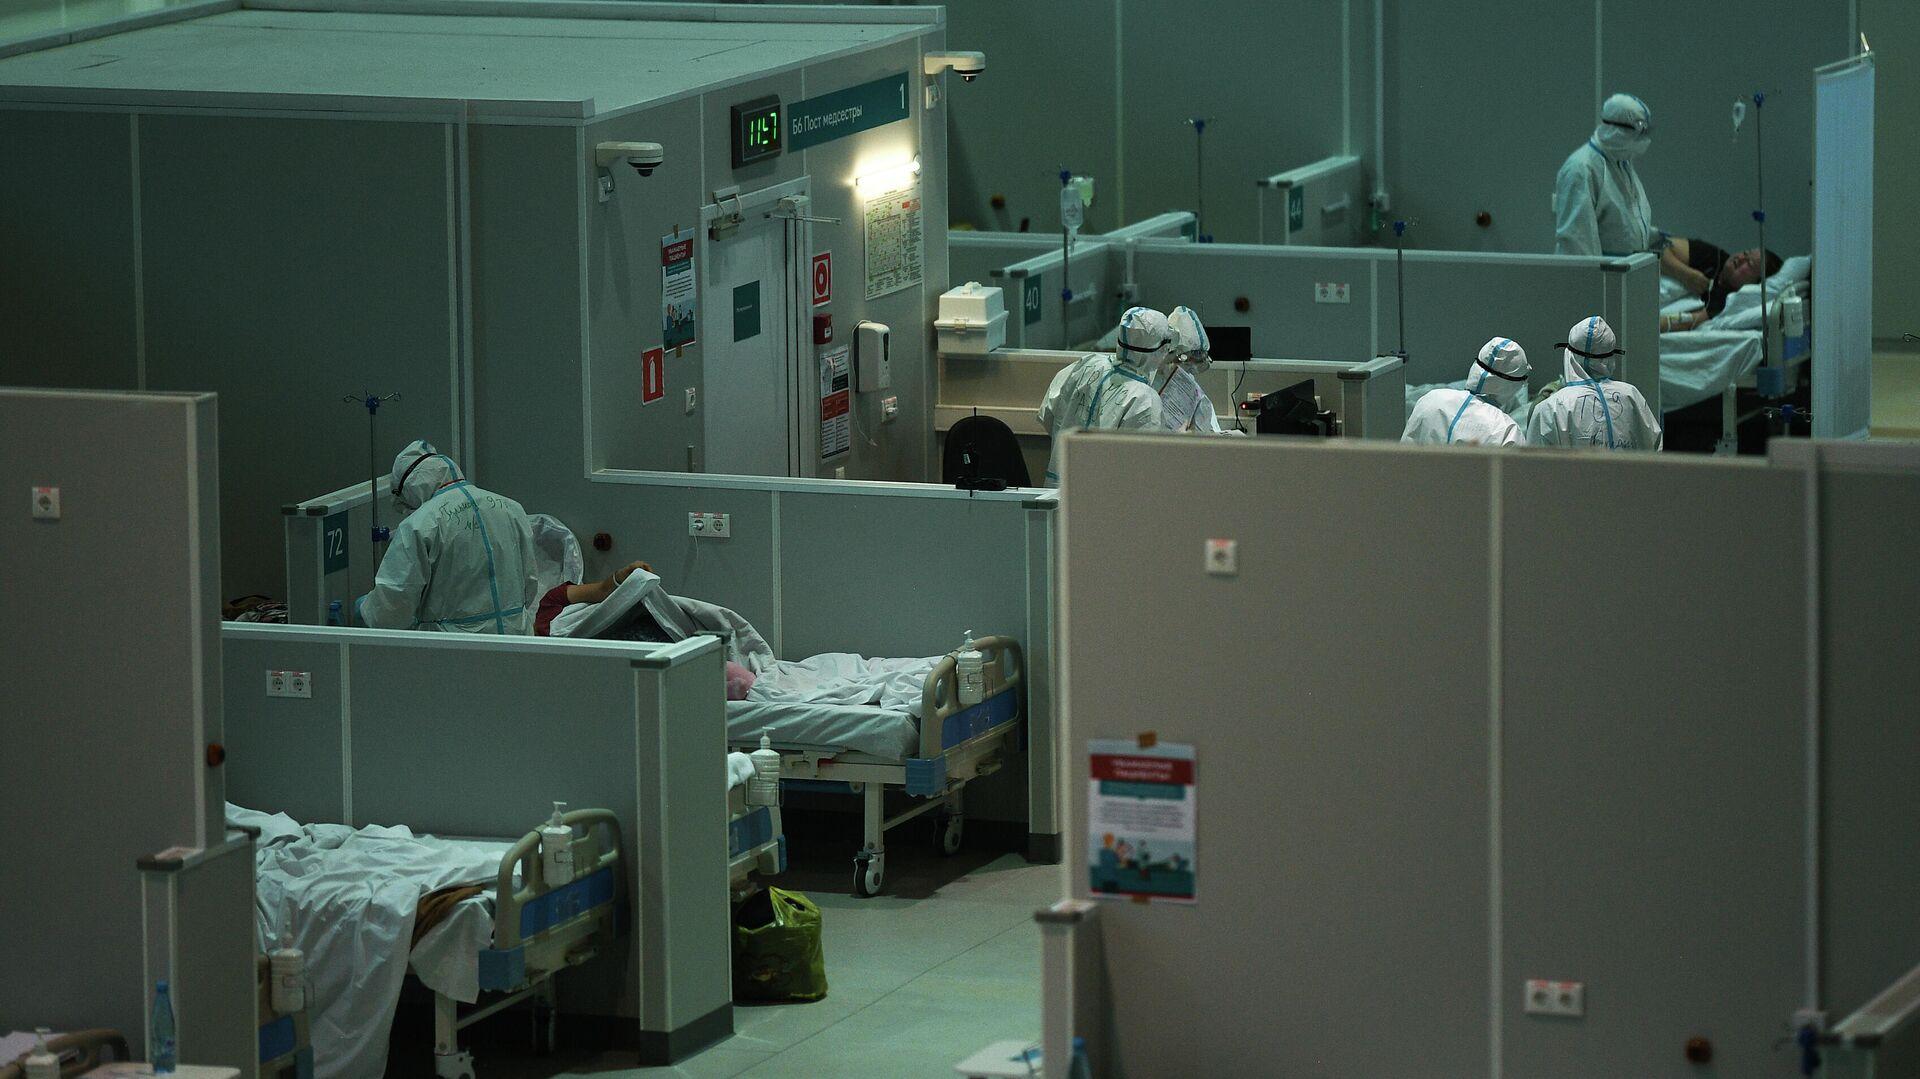 Медицинские работники во временном госпитале для пациентов с COVID-19 в Сокольниках - РИА Новости, 1920, 07.12.2020